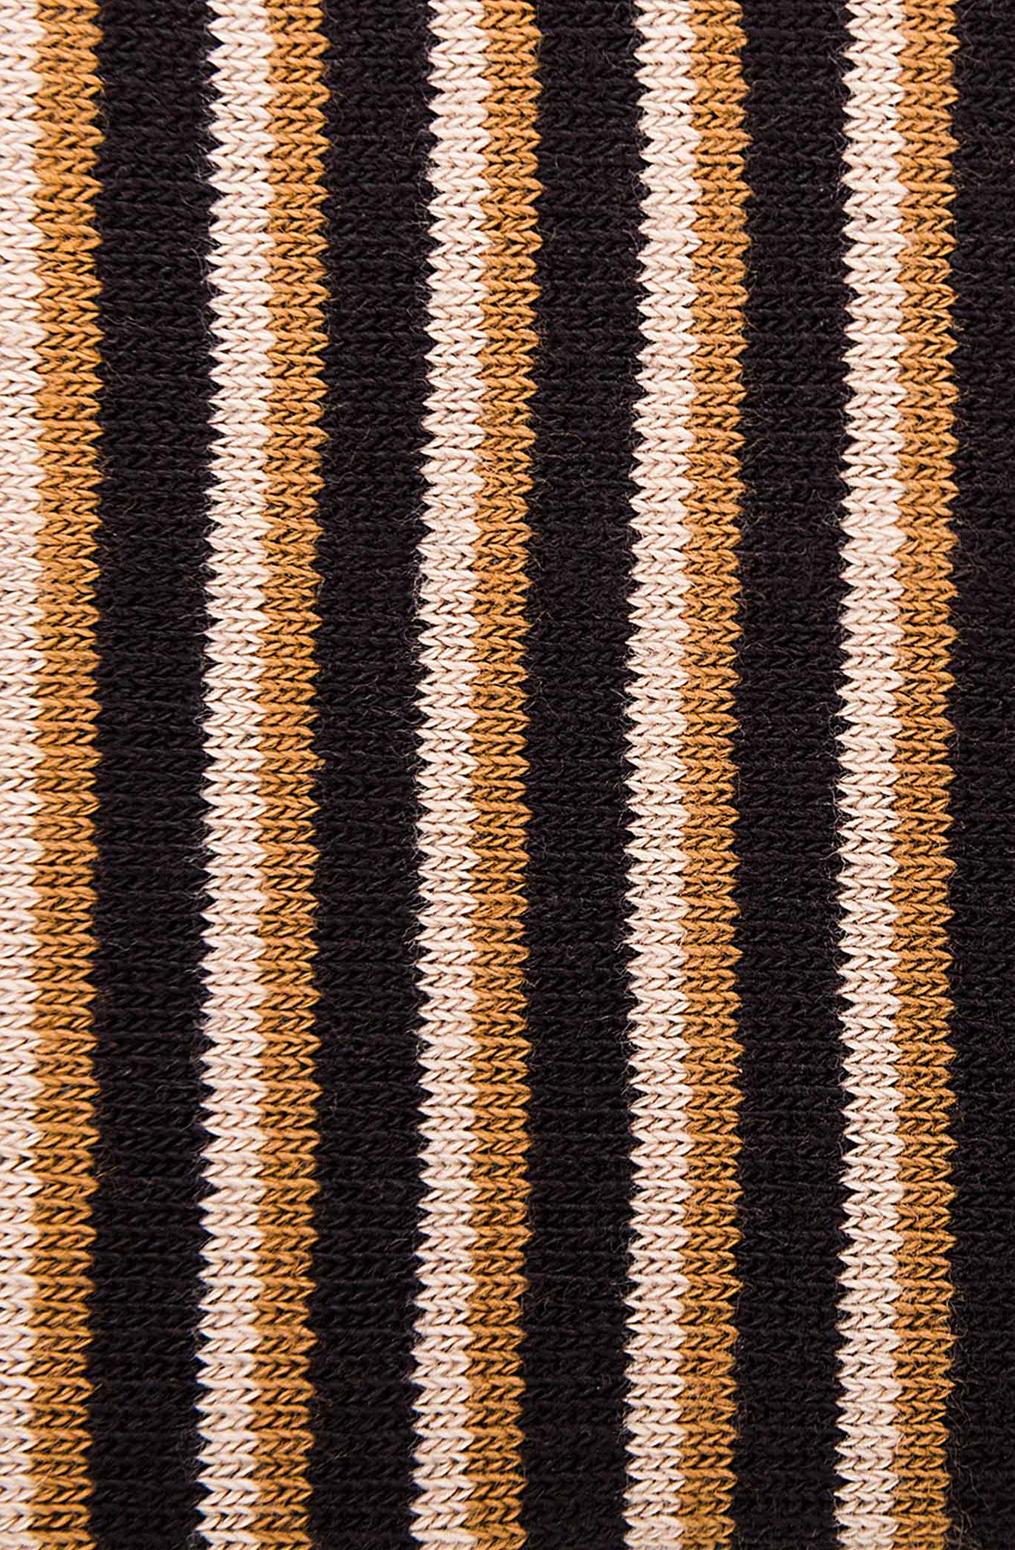 Alabama chanin organic cotton tall stripe socks 2